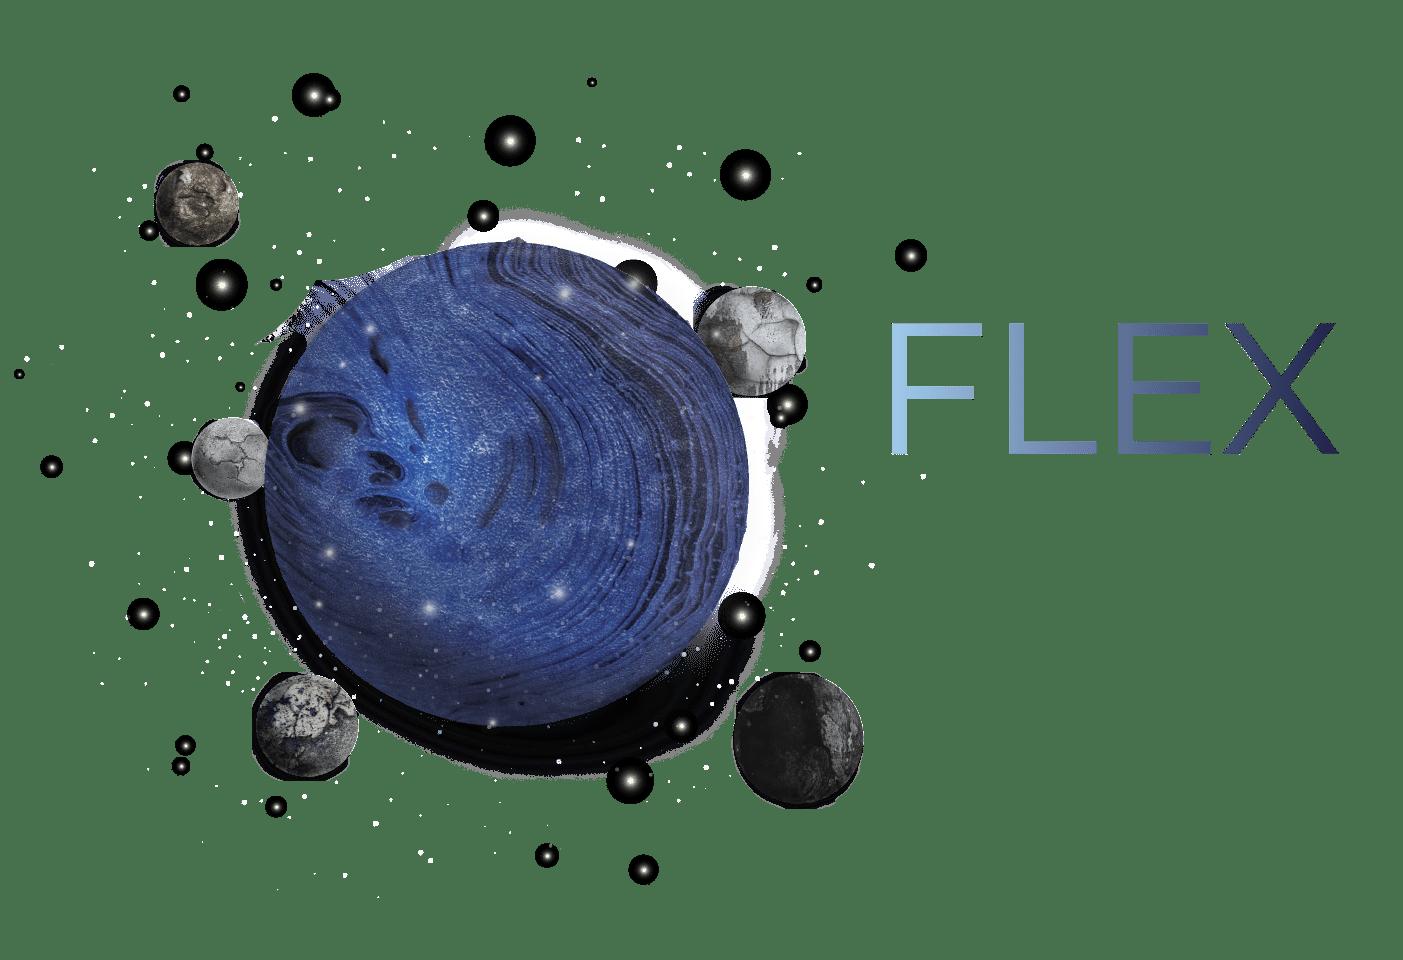 FLEX_MOONS-21